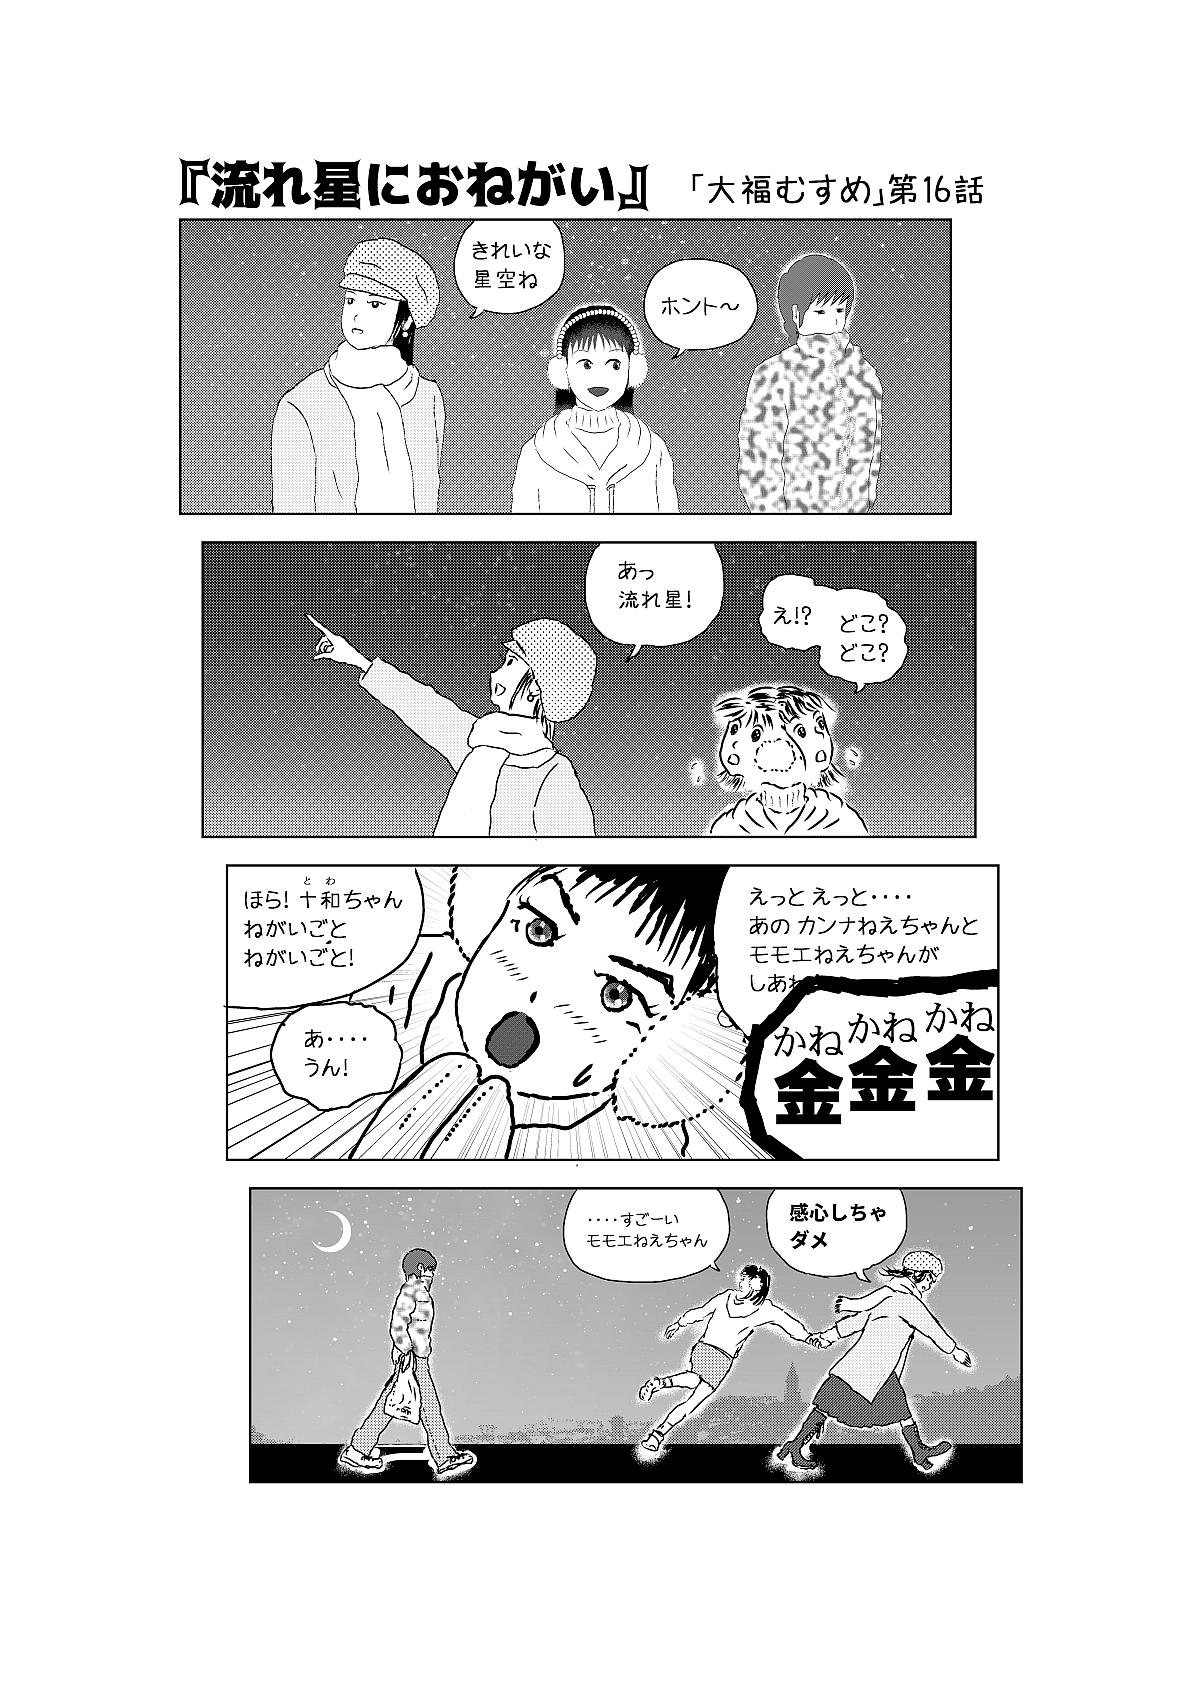 イラストはコジロム作の4コマ漫画「大福むすめ」第16話『流れ星におねがい』です。